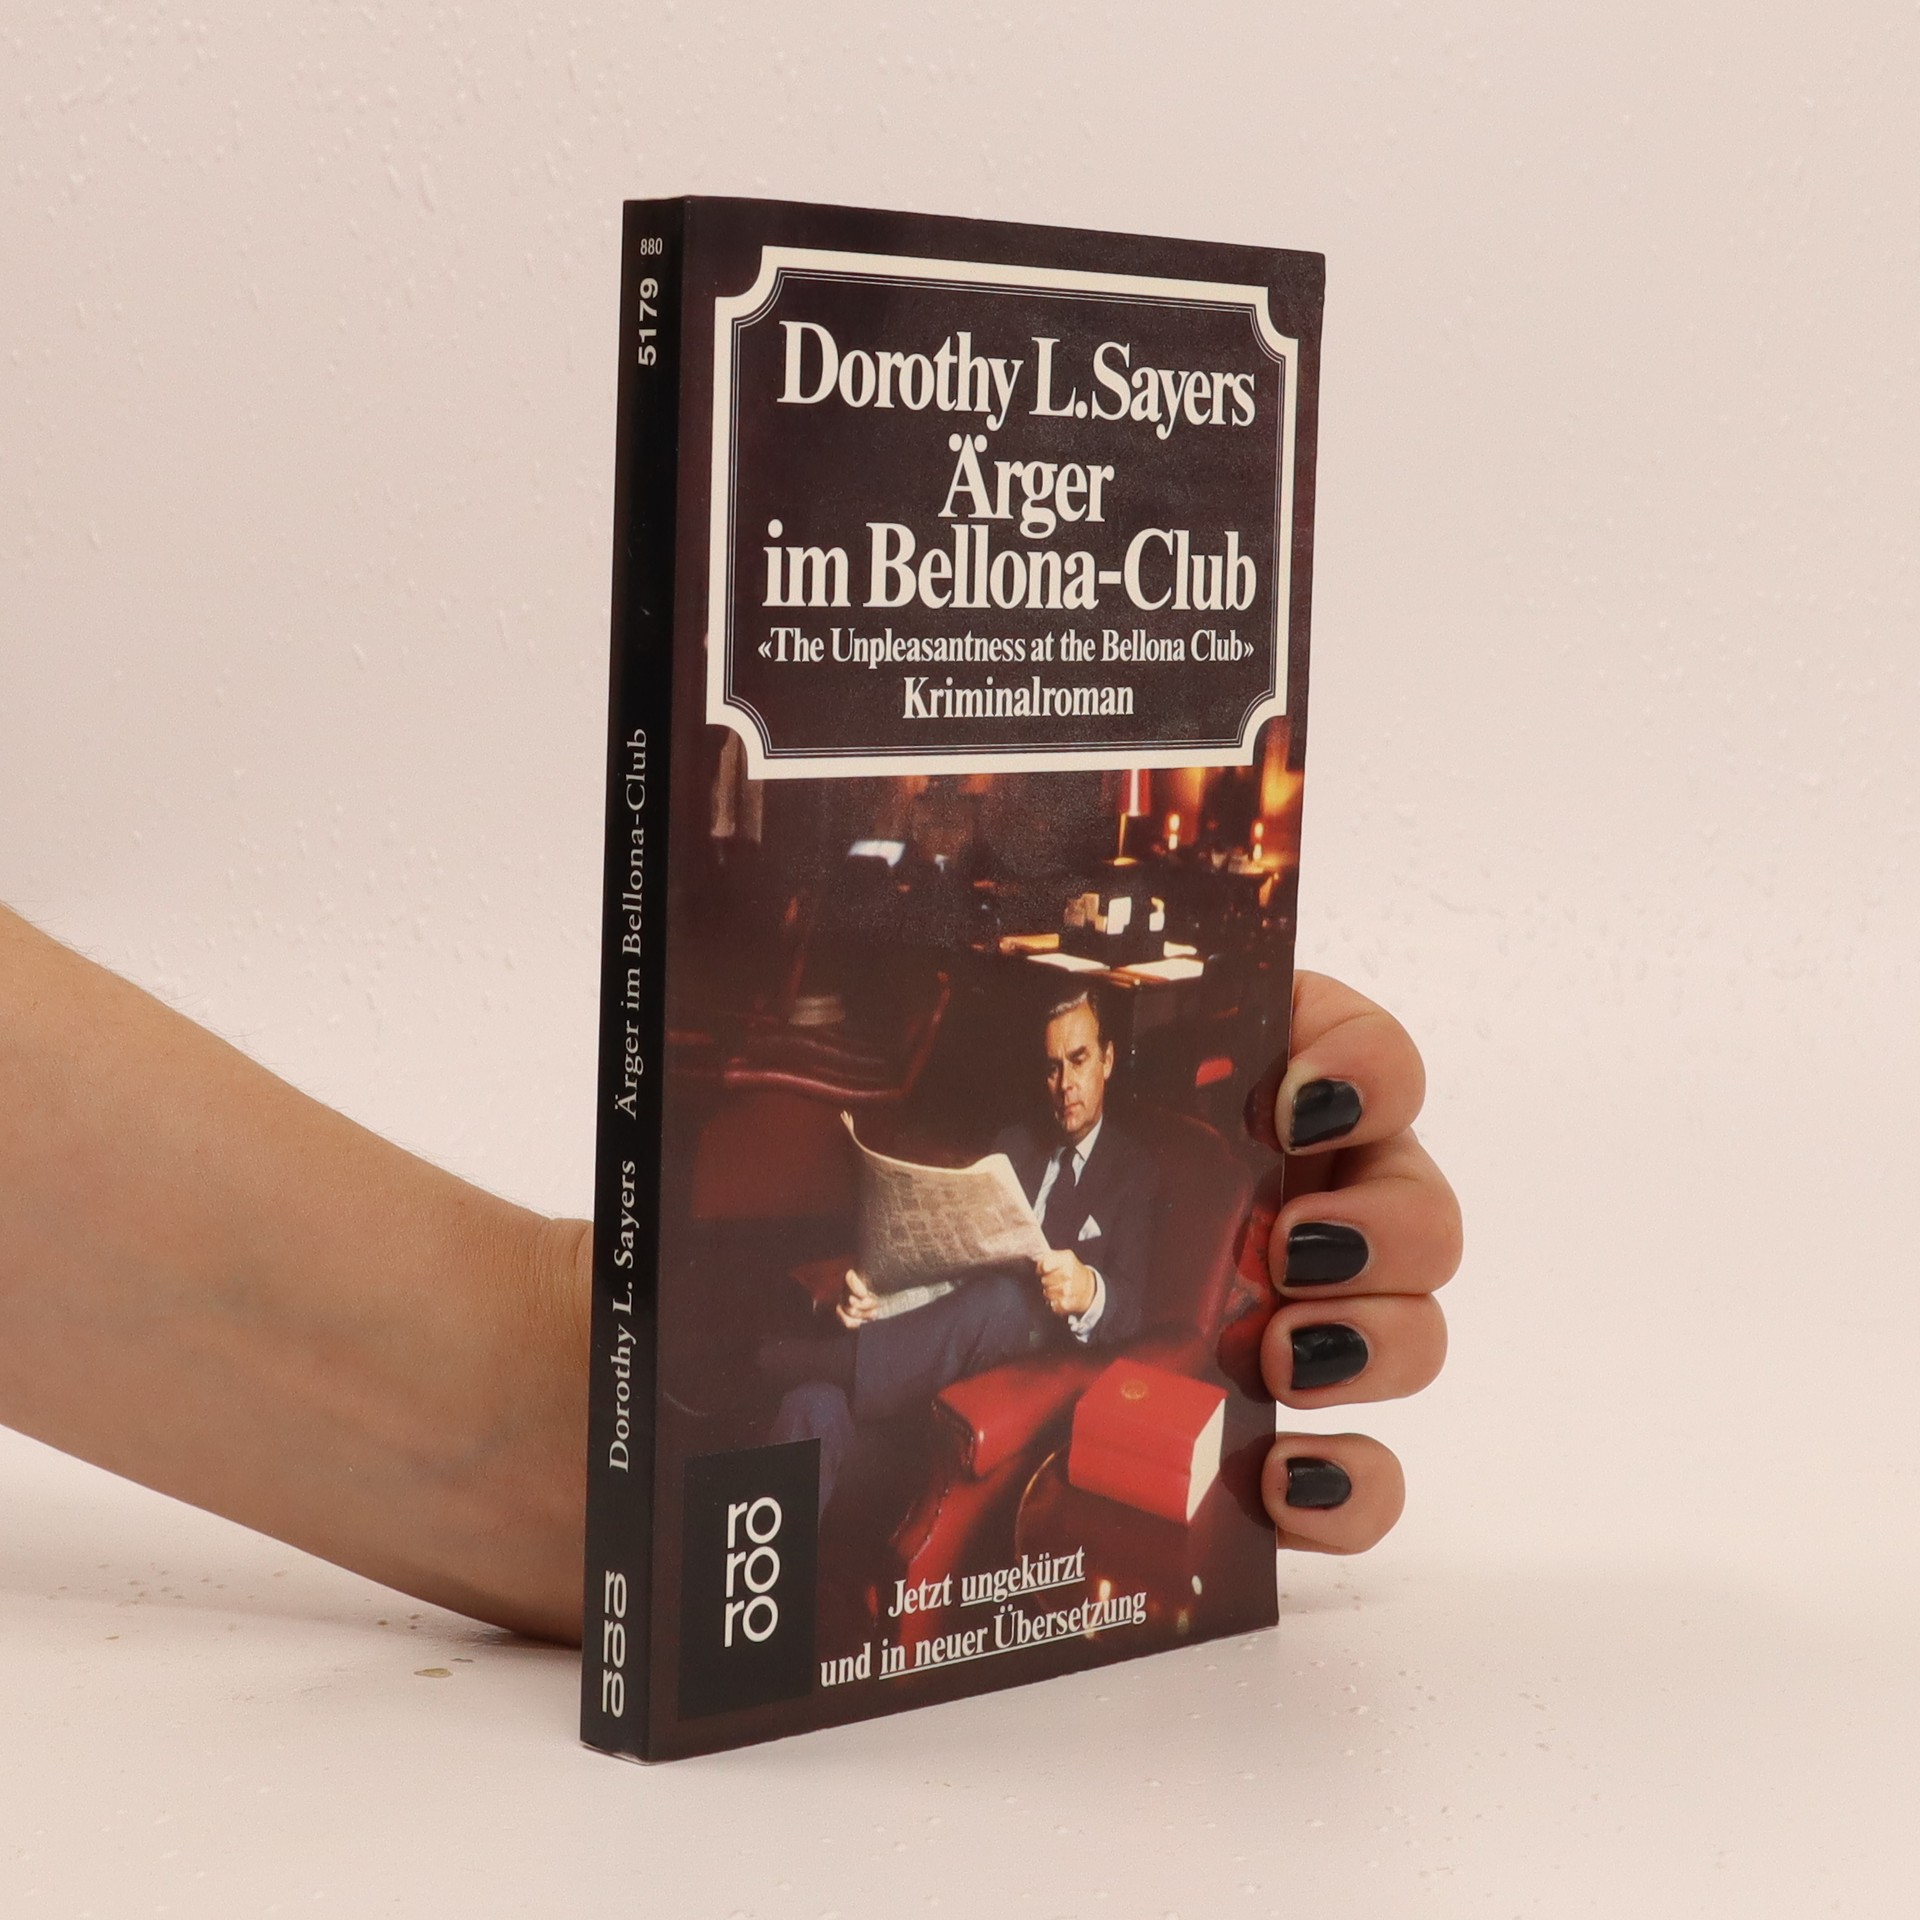 antikvární kniha Ärger im Bellona - Club, 1991